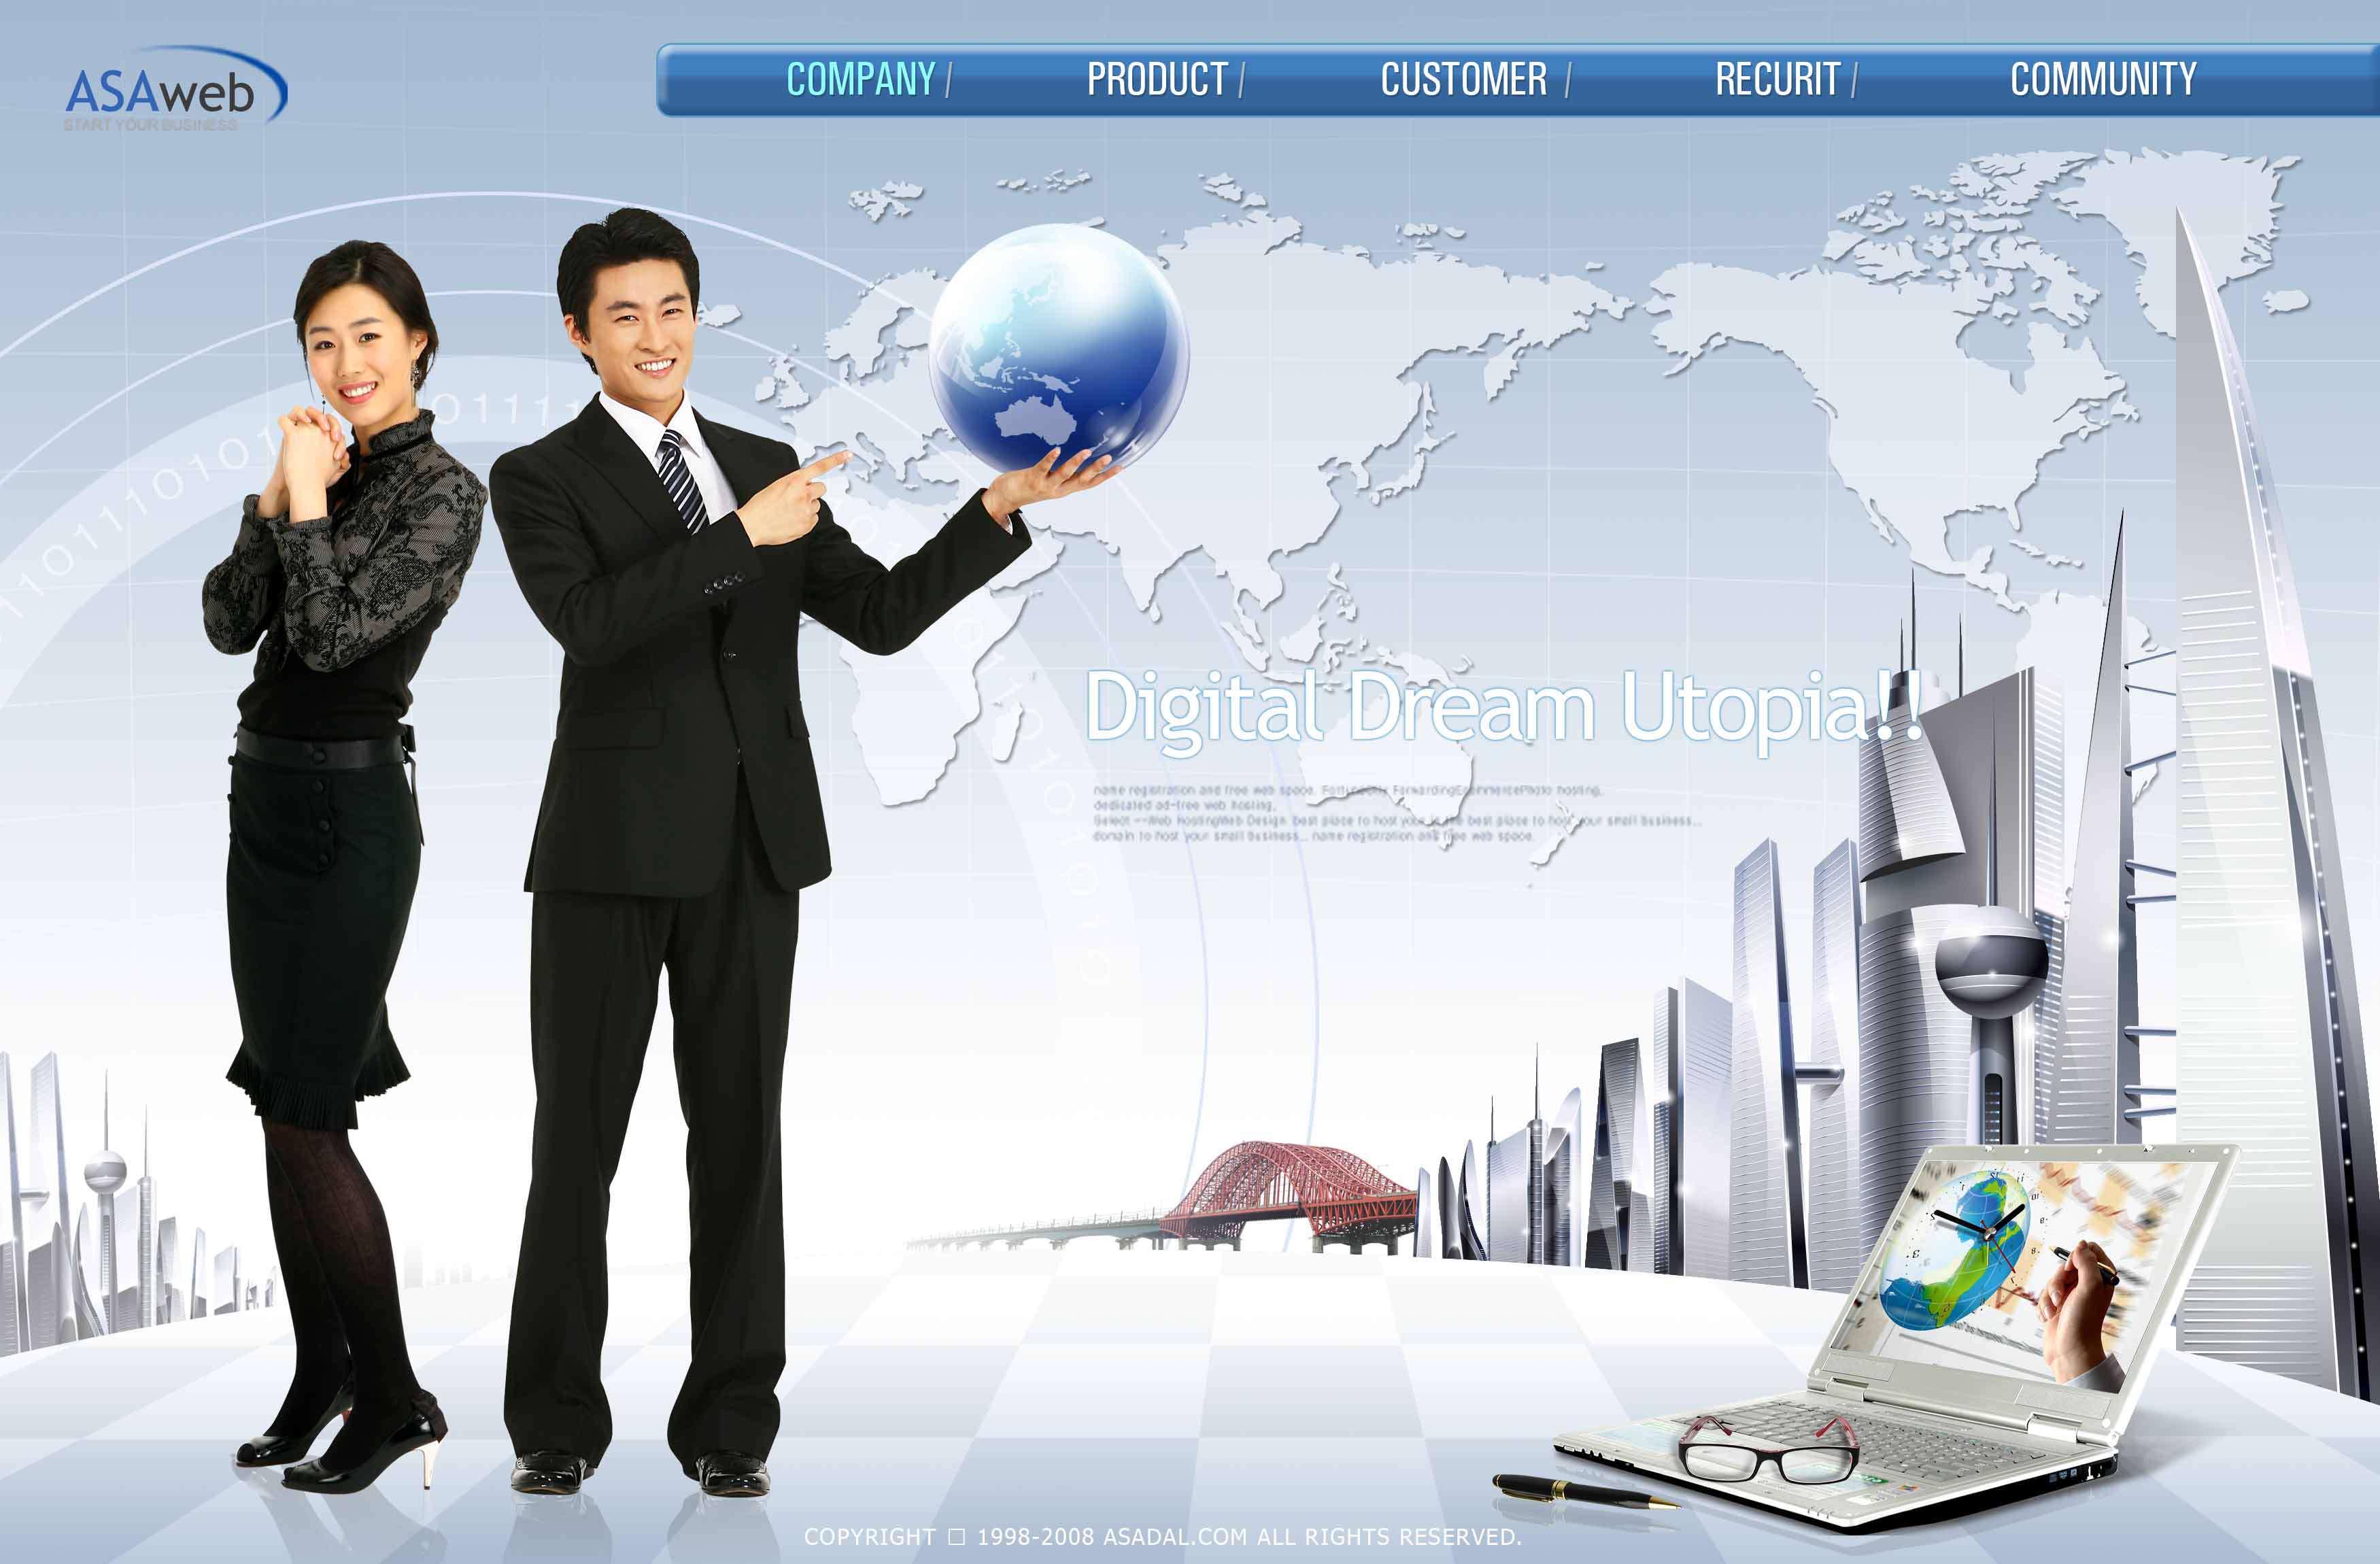 تصاویر لایه باز تبلیغاتی، تجاری و دیجیتال